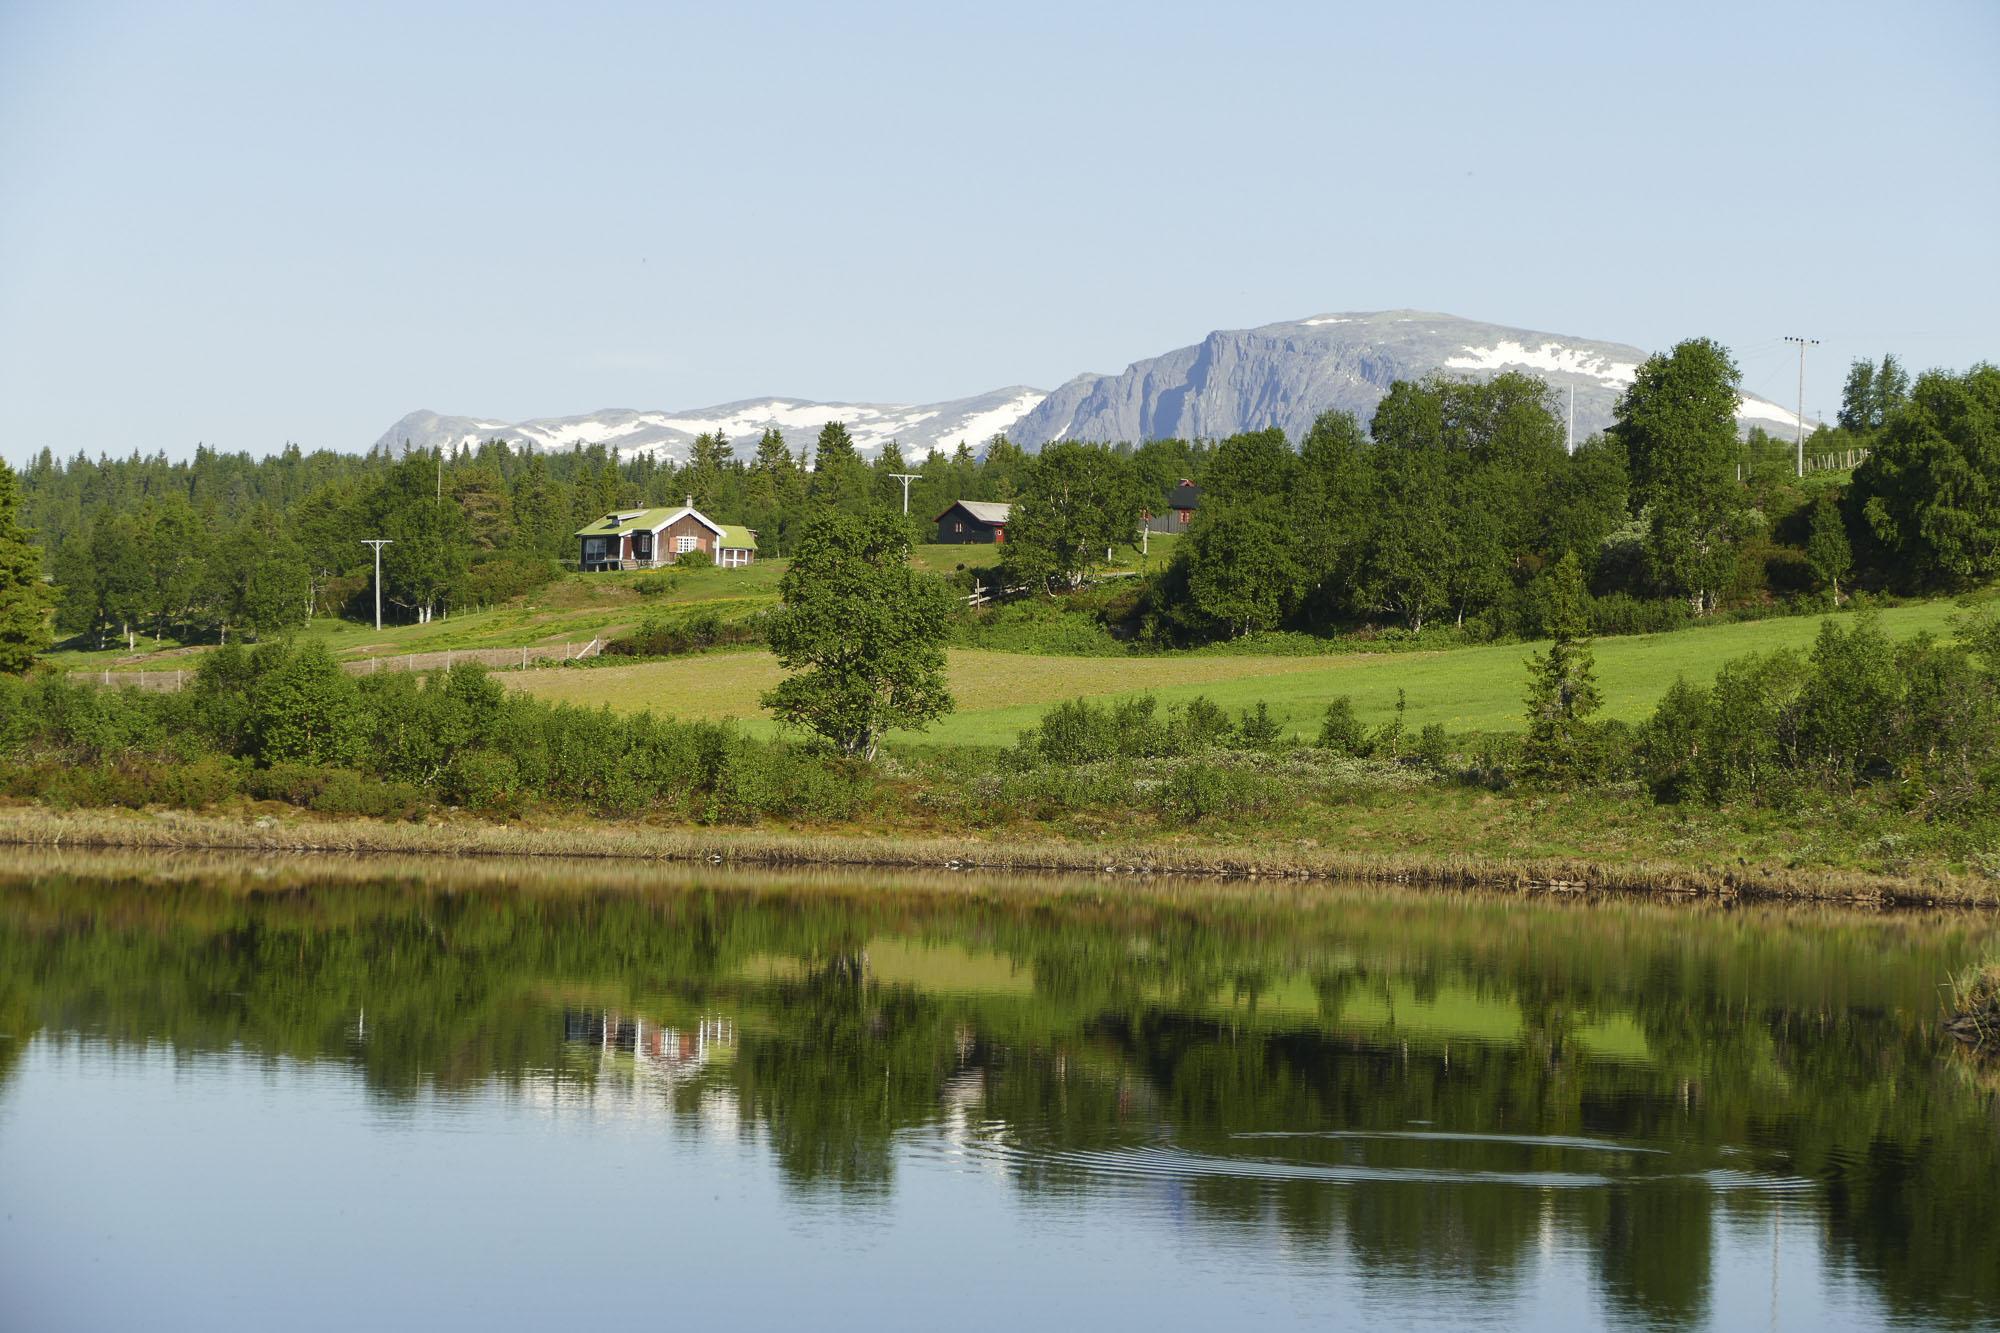 Lauvsjøen på Golsfjellet - en oase for syklister, fiskere og alle andre som vil nyte høyfjellet. Gol, Golsfjellet, Hallingdal, Valdres, Hemsedal. Foto: Birgit Haugen